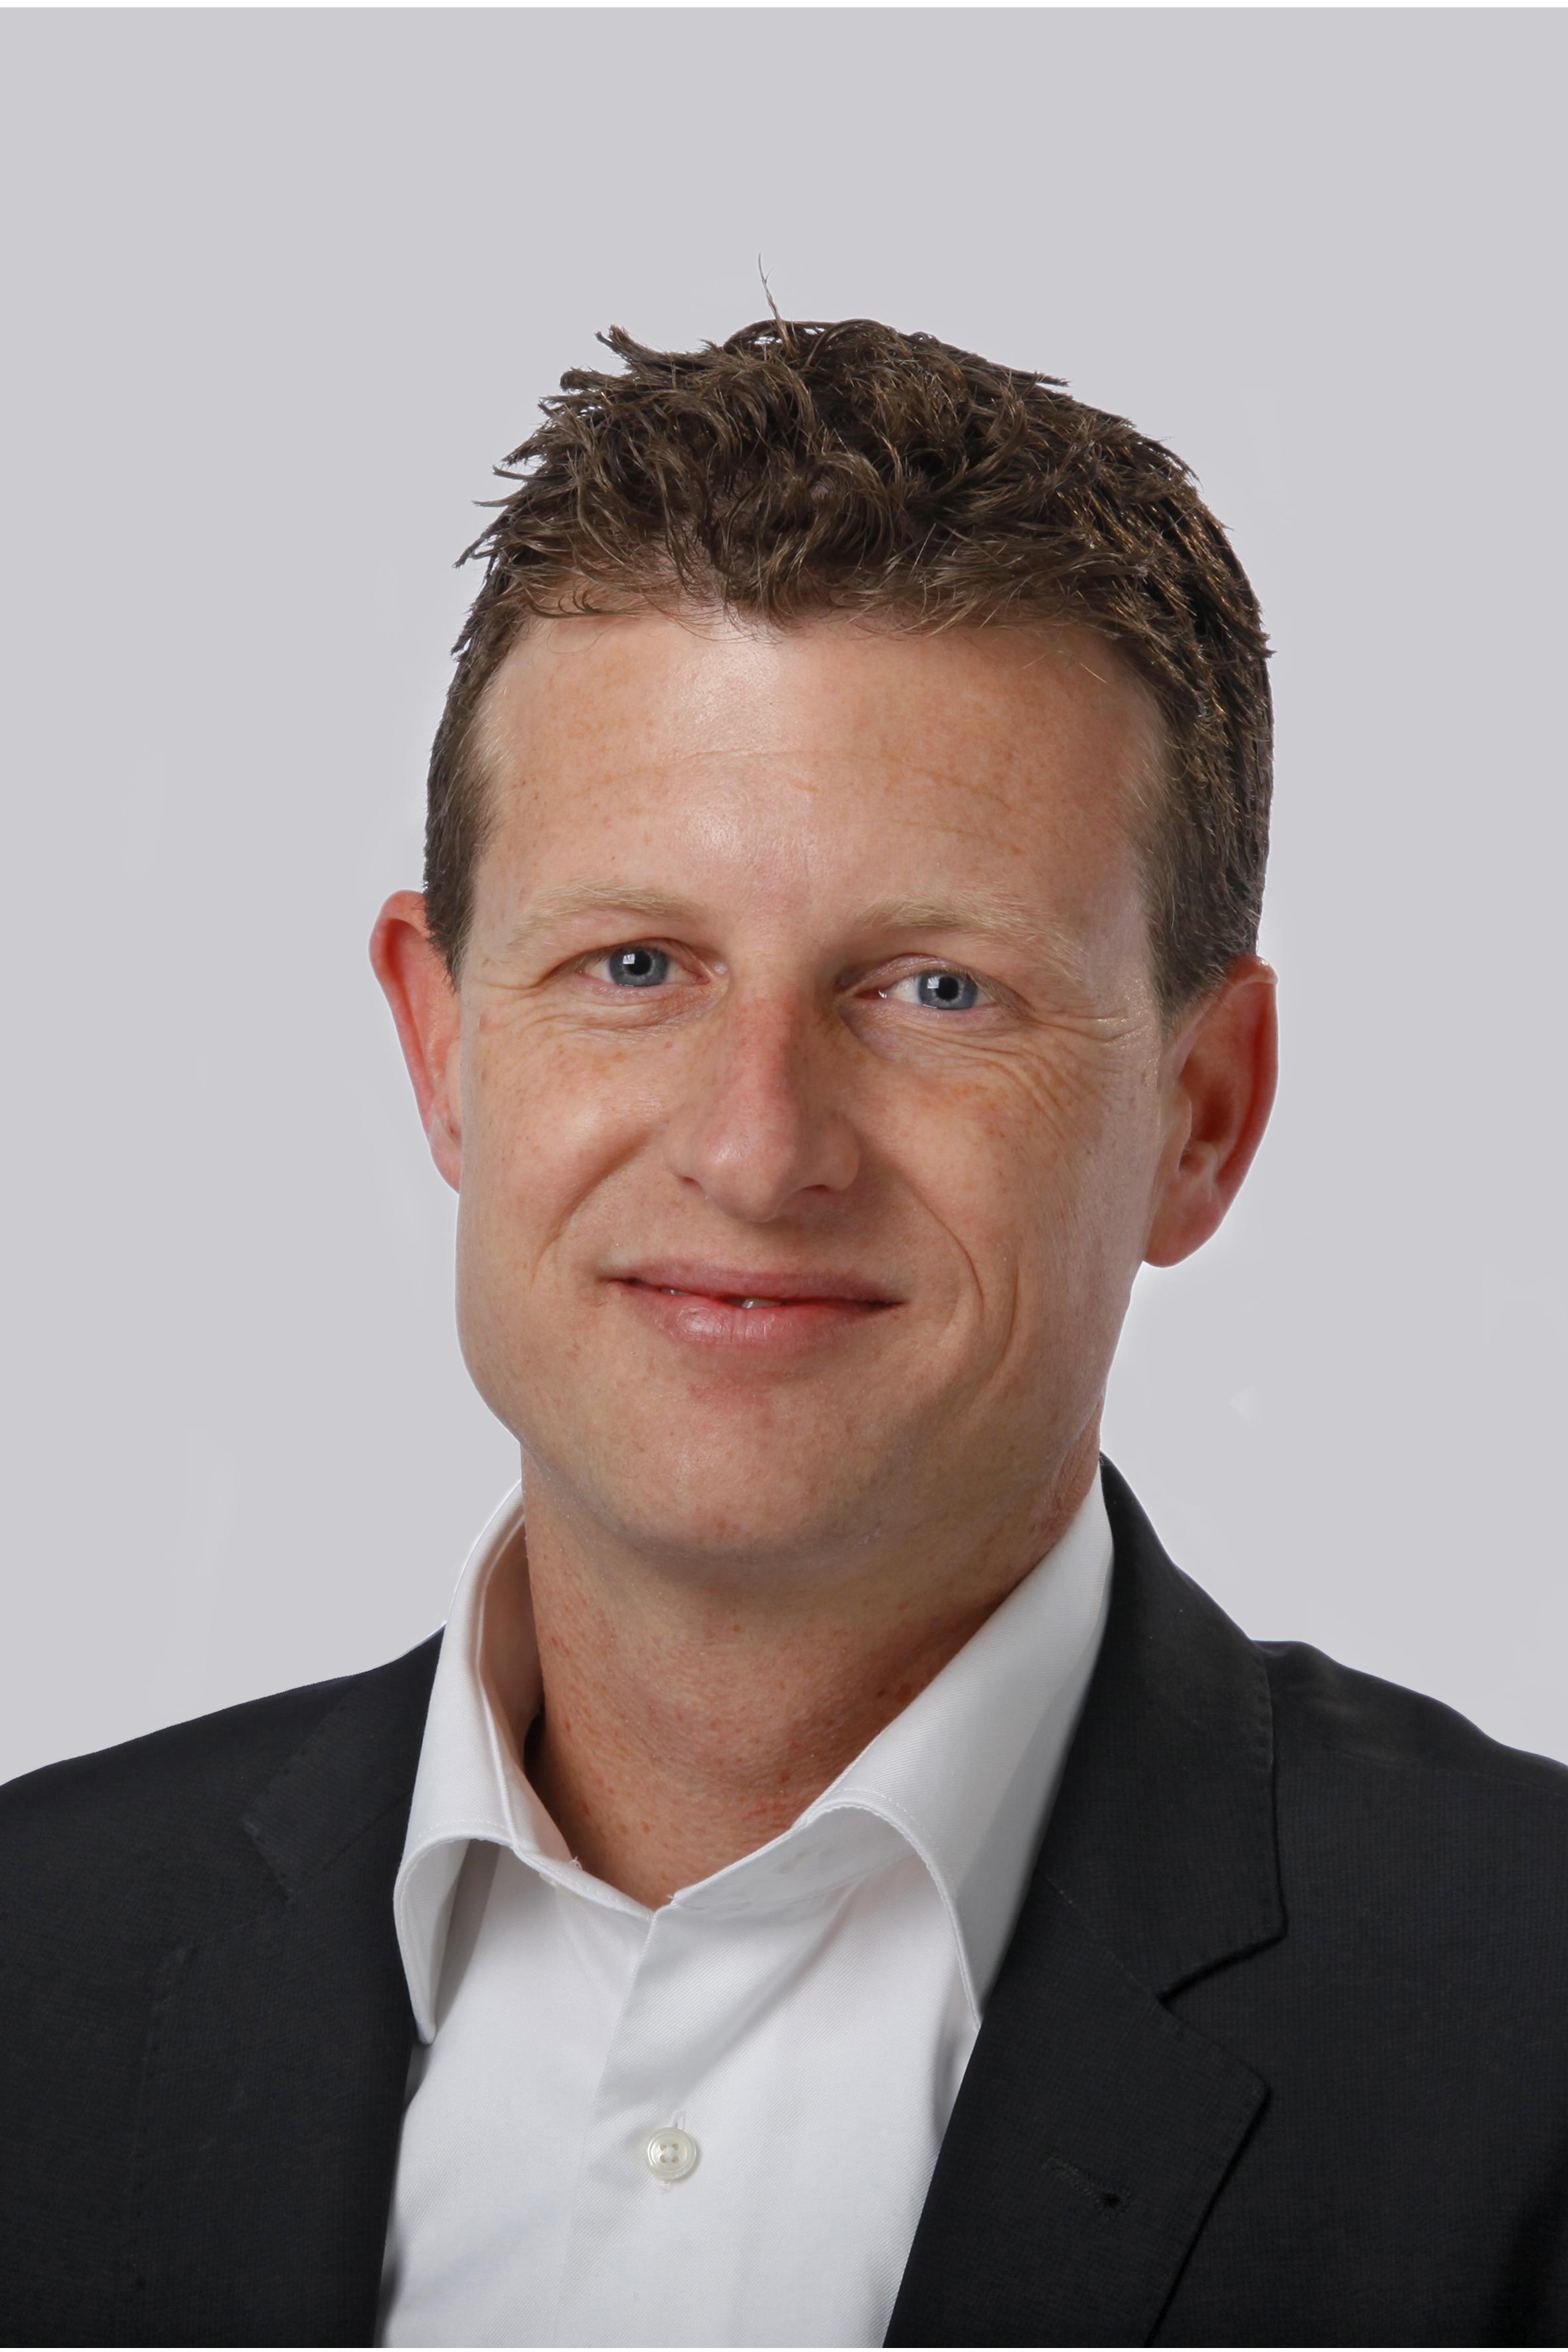 Timo van Eeden